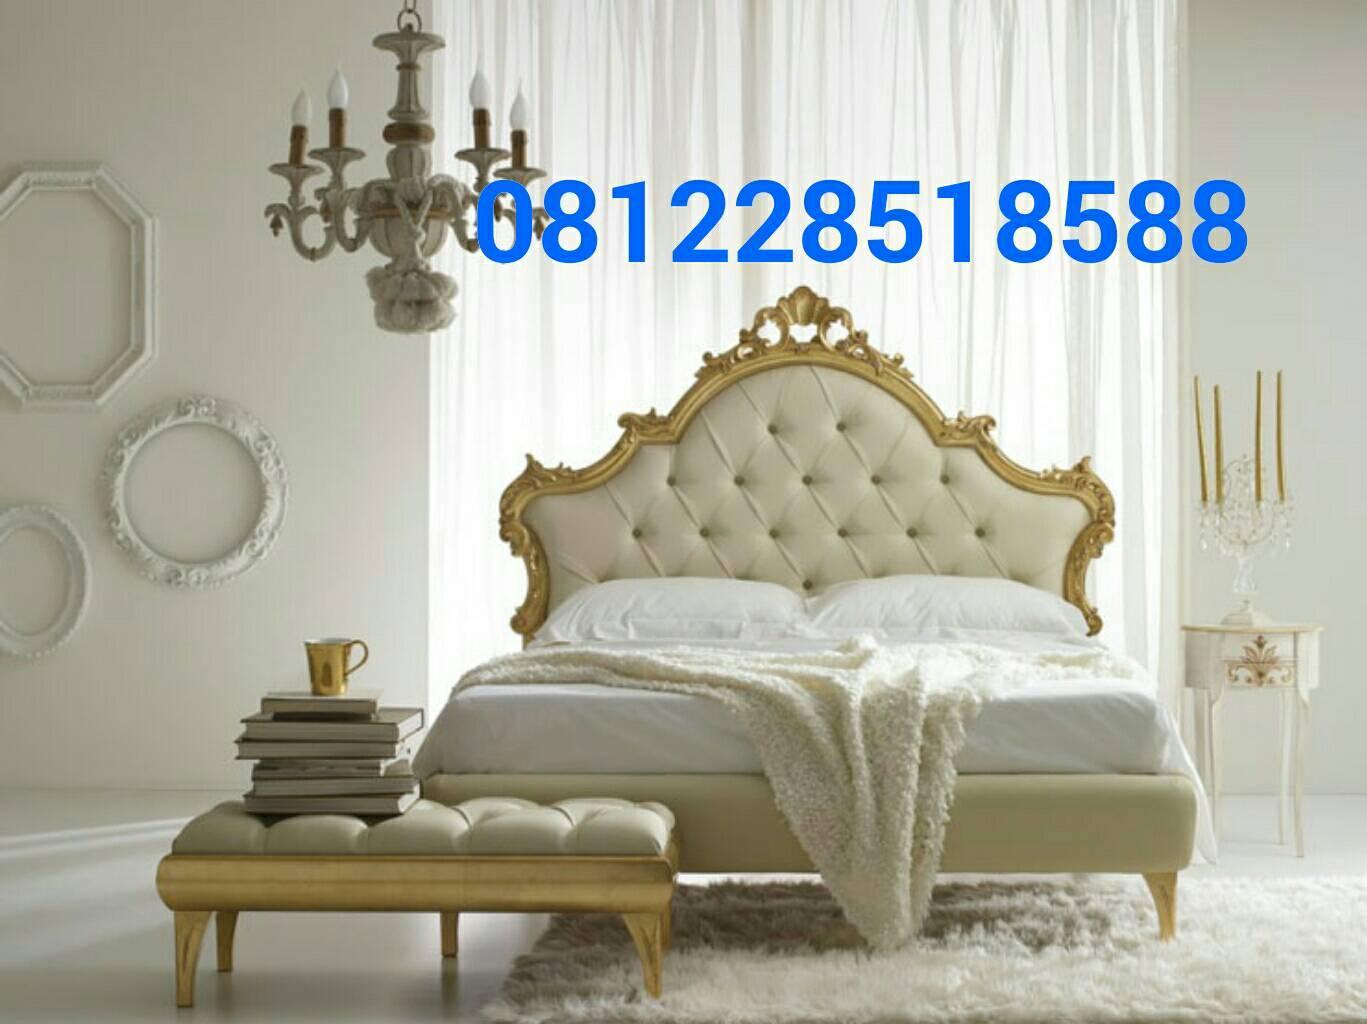 kamar set mewah ukiran kualitas super mewah harga murah